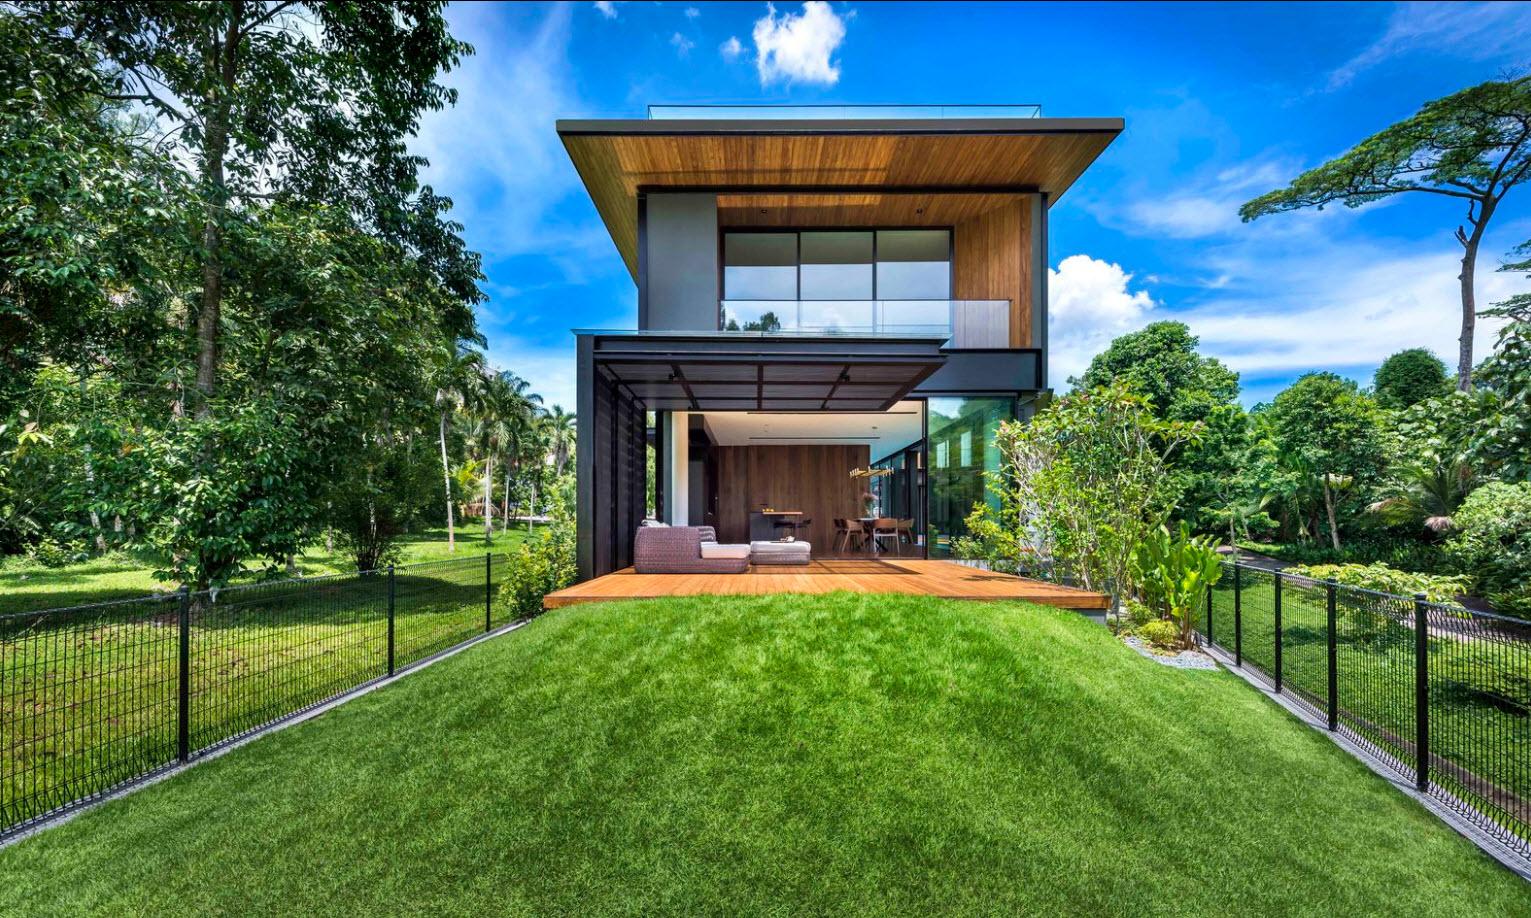 Dise o casa moderna terreno triangular for Como hacer una fachada de casa moderna